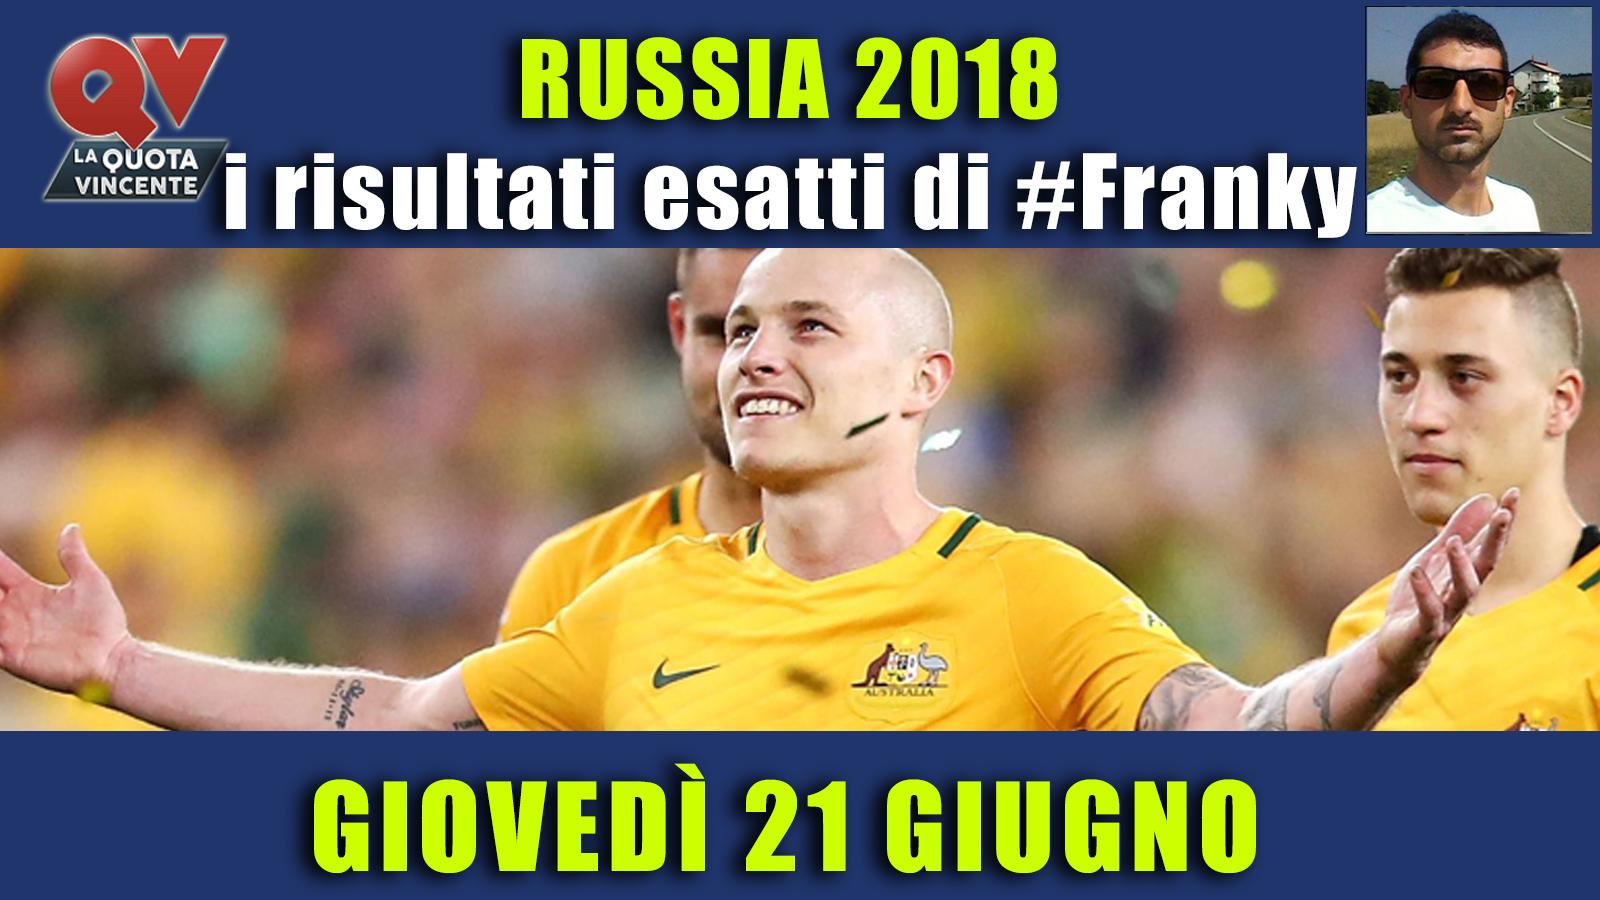 Pronostici risultati esatti Mondiali 21 giugno: le scelte di #FrankyDefa